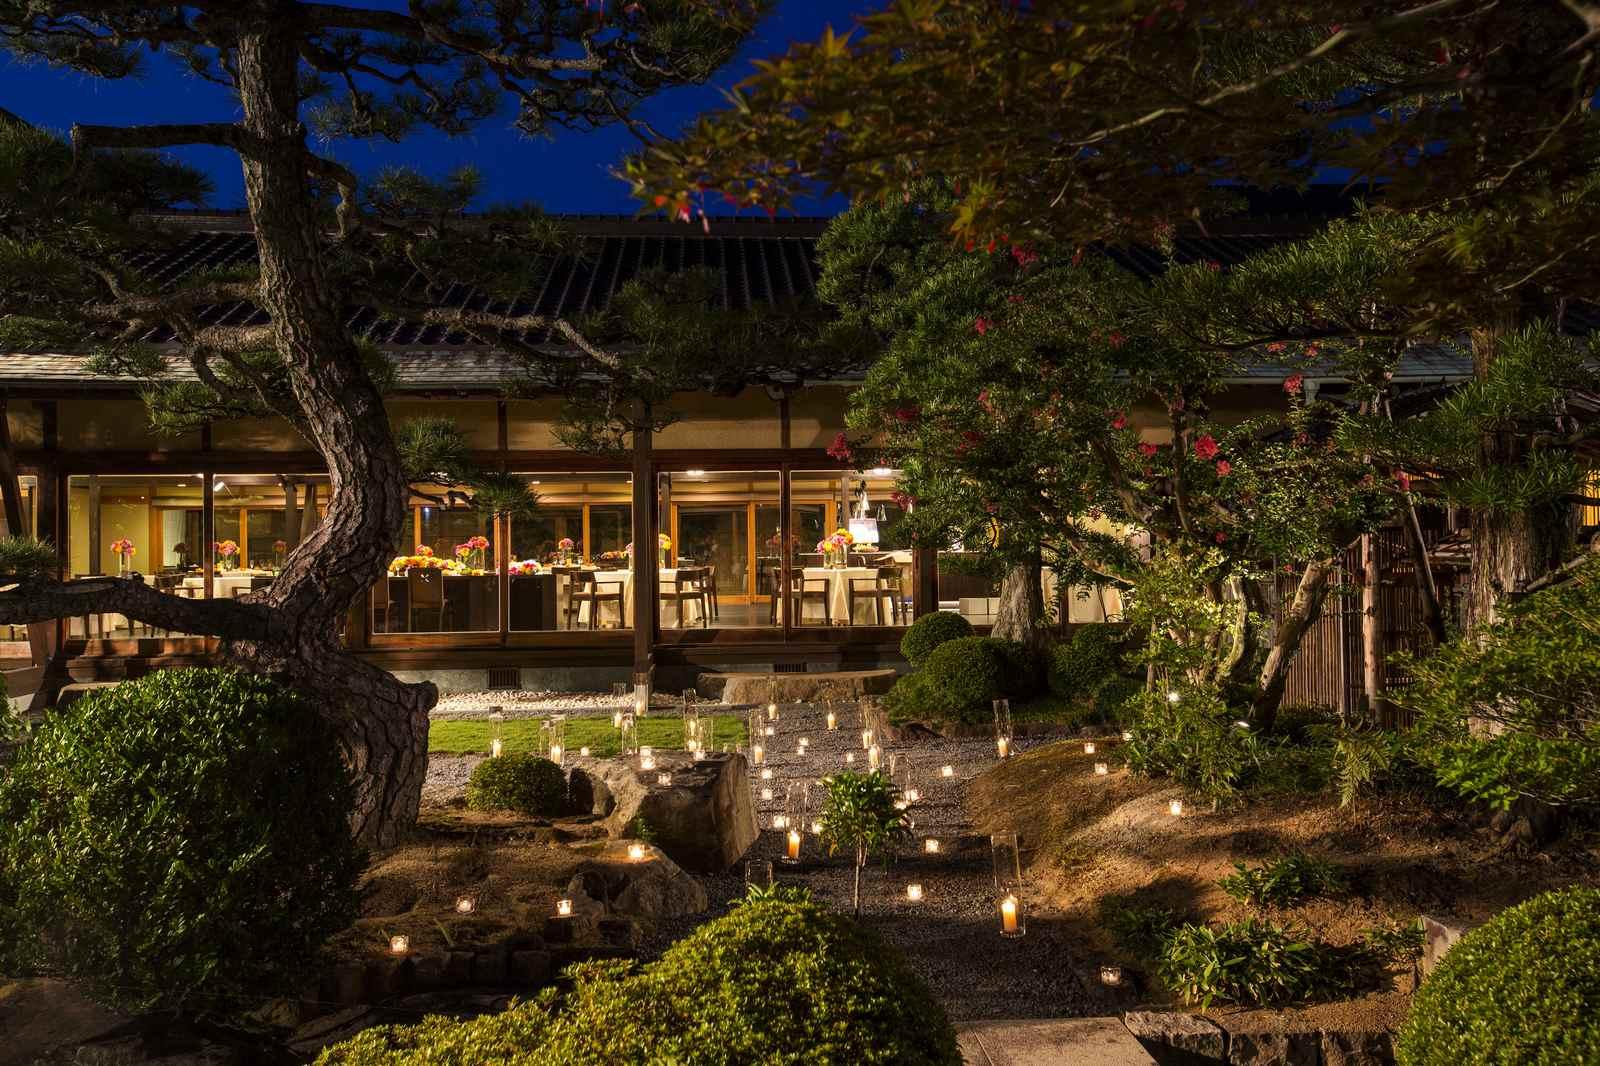 キャンドルでライトアップされた日本庭園